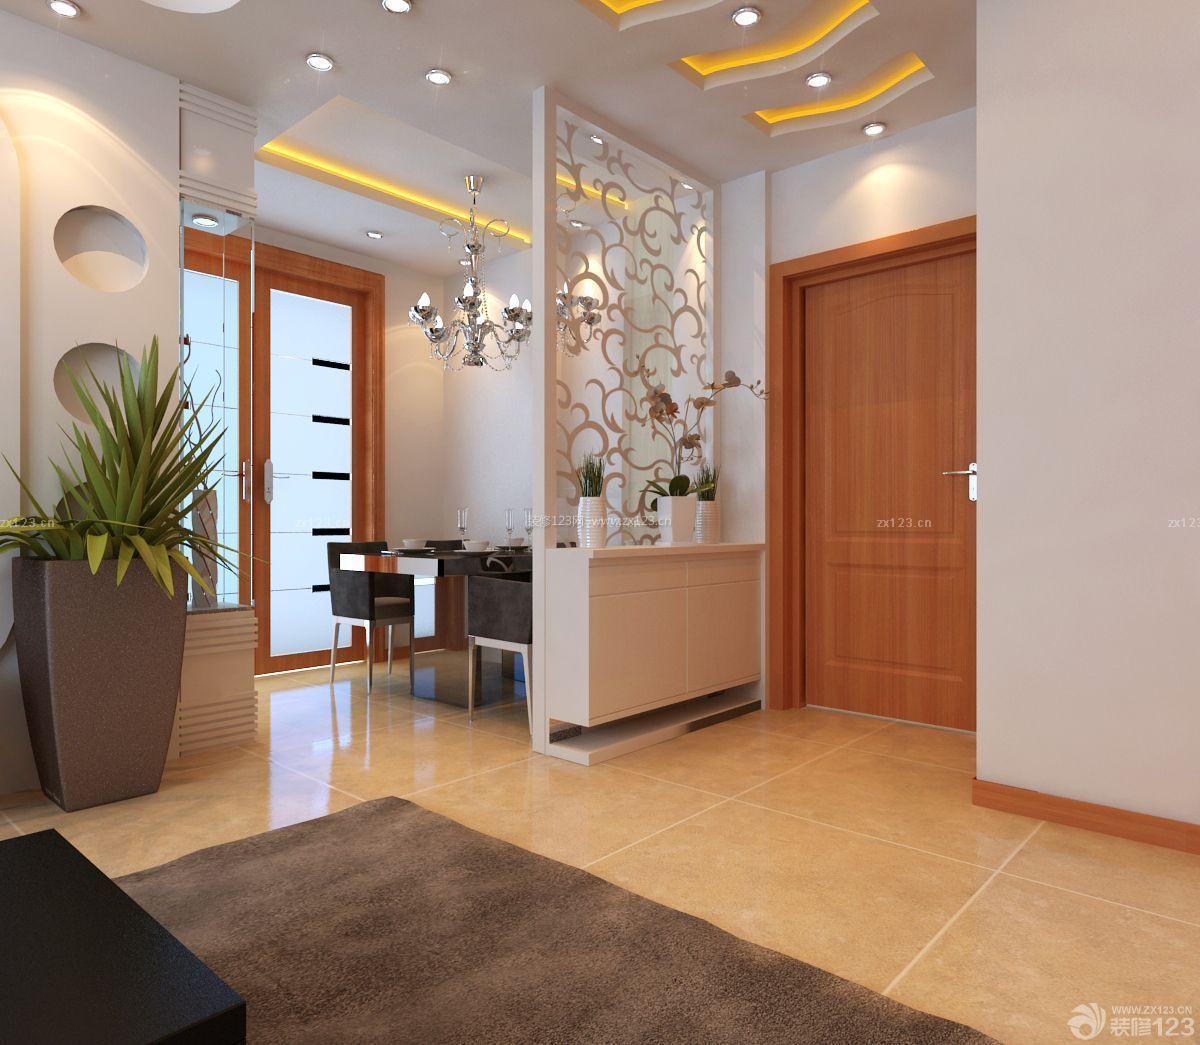 沉稳家居120平米房子室内墙纸装饰效果图_装修123效果